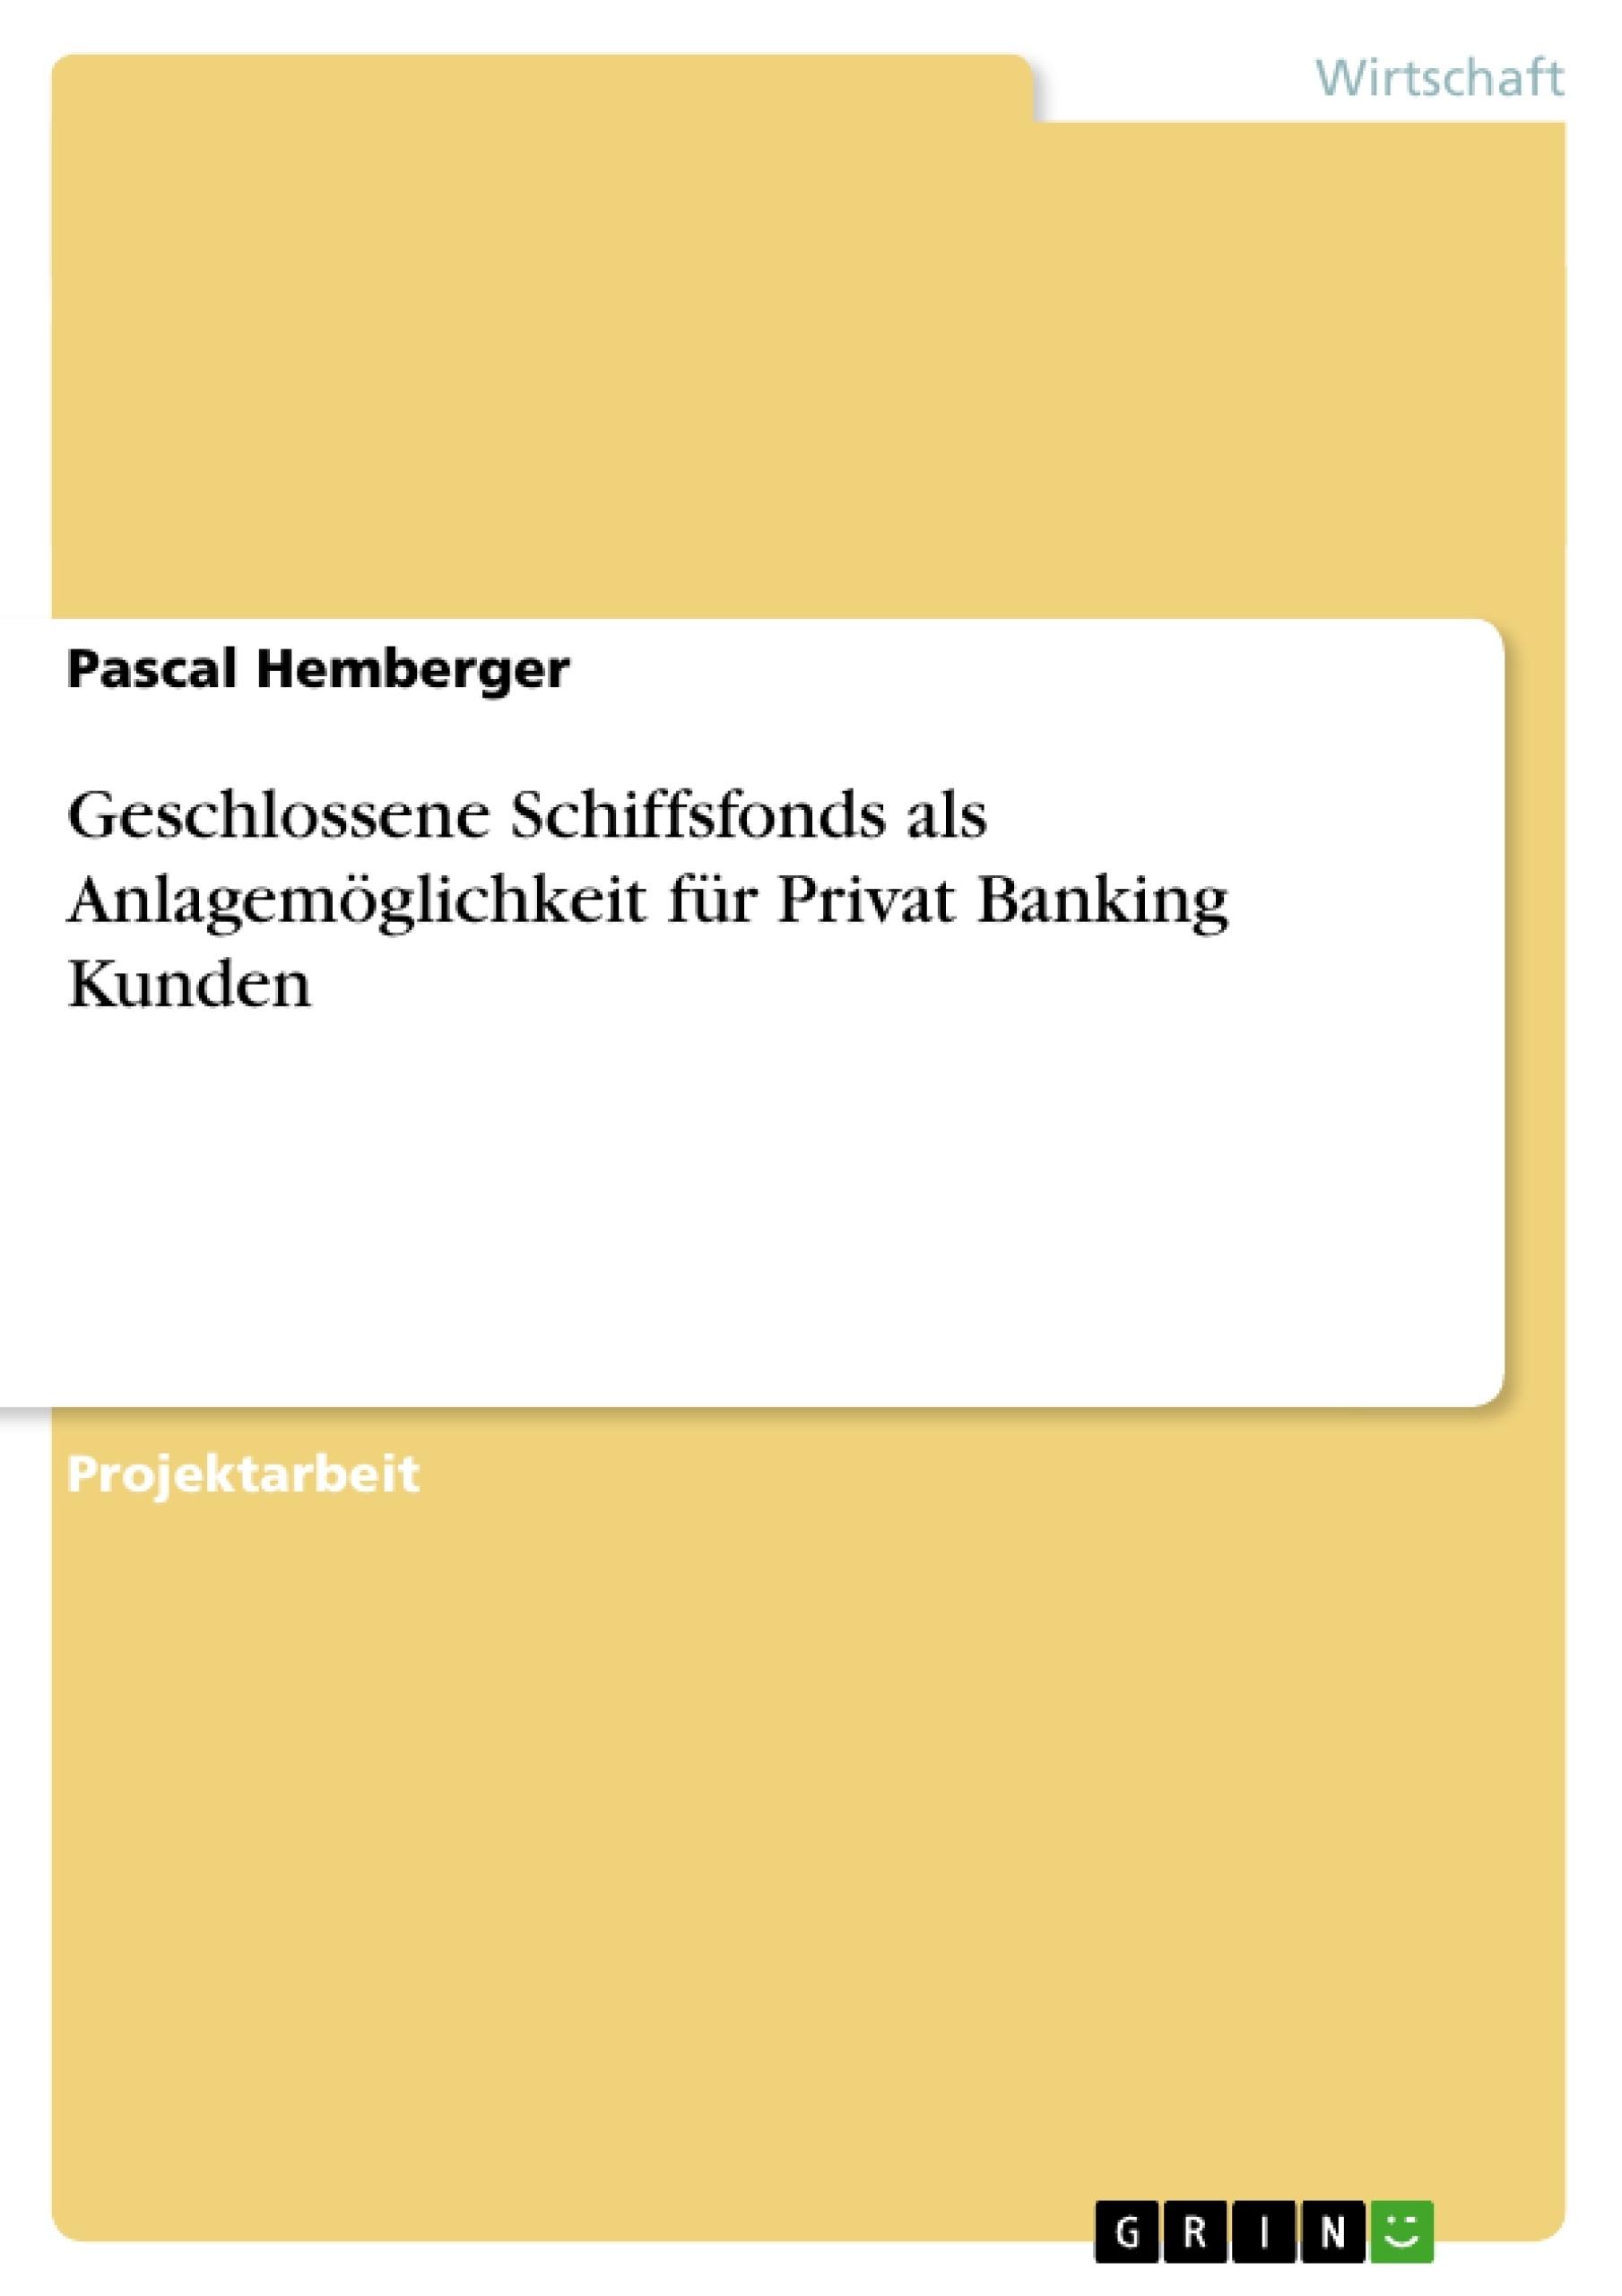 Titel: Geschlossene Schiffsfonds als Anlagemöglichkeit für Privat Banking Kunden